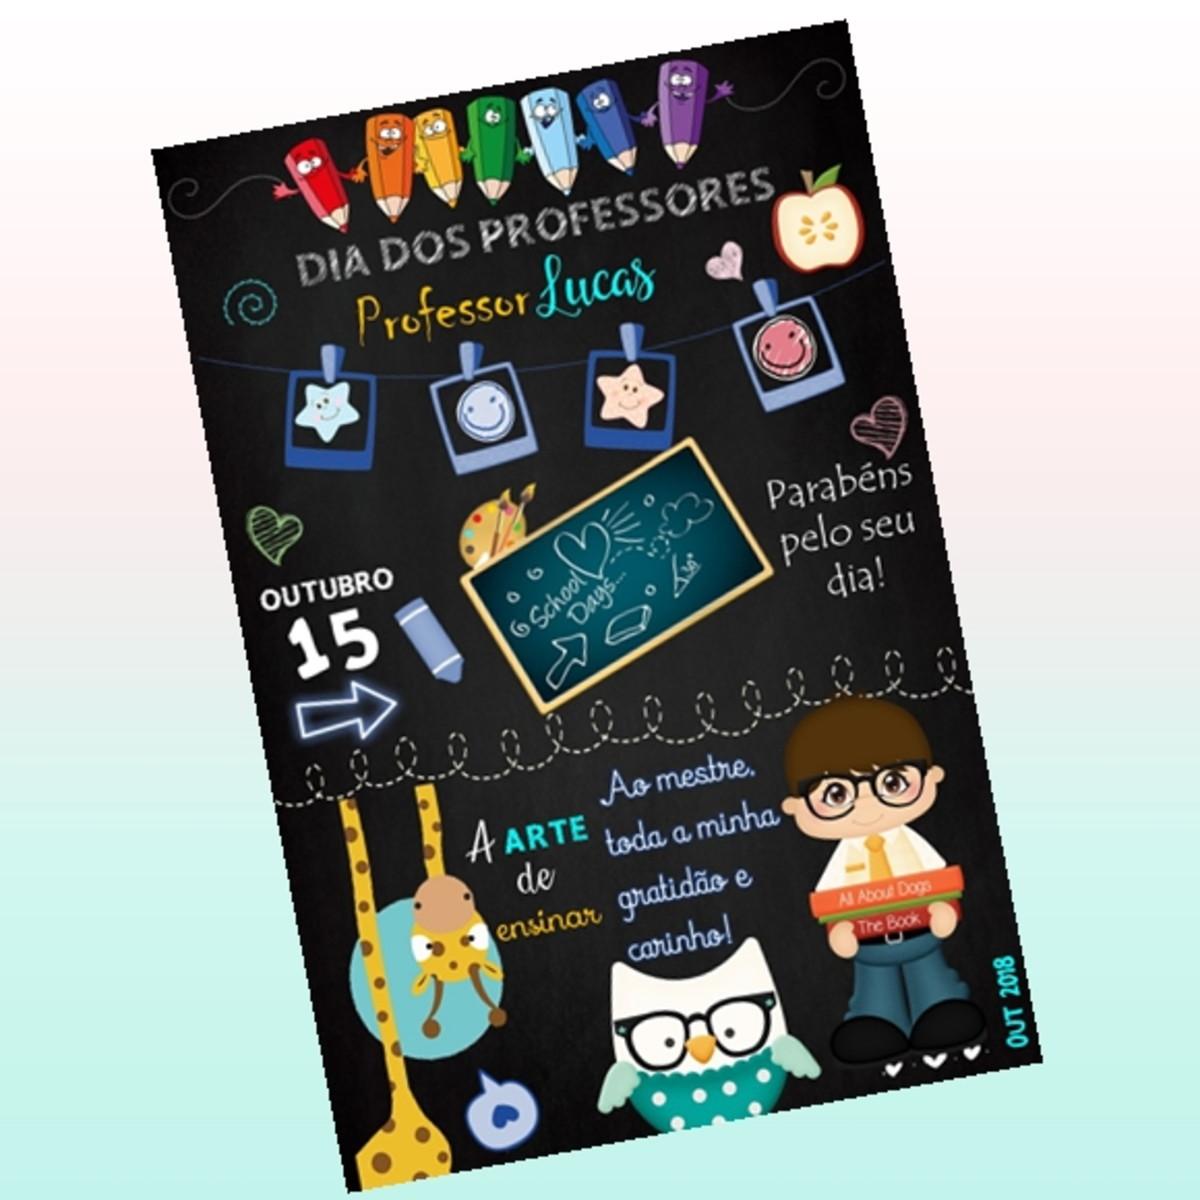 Chalkboard Dia Dos Professores No Elo7 Arte Da Vivi Artes Digitais D9418b